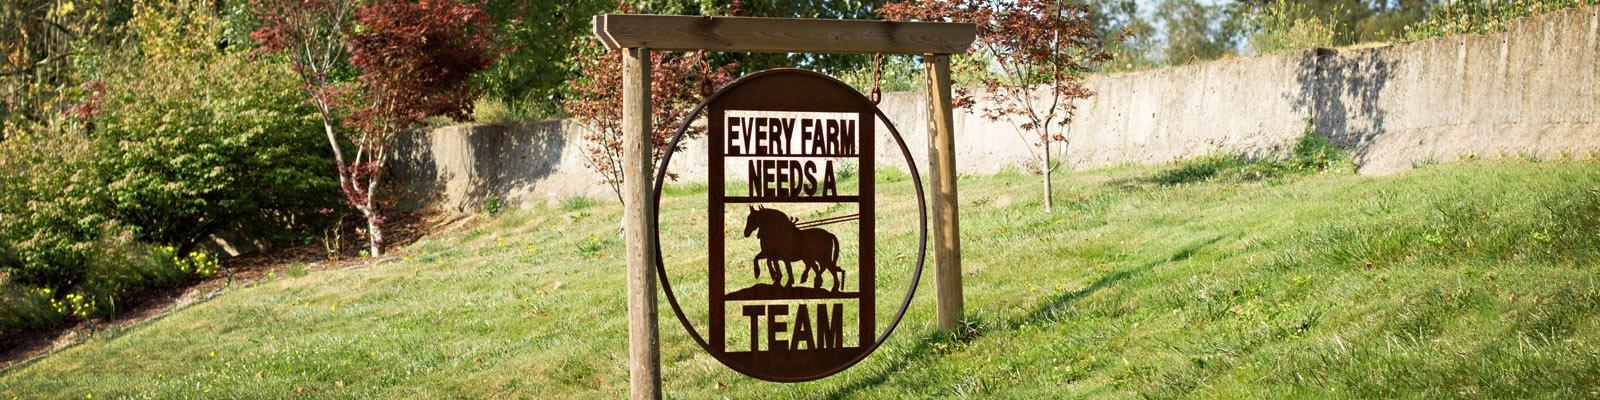 farm-team-banner